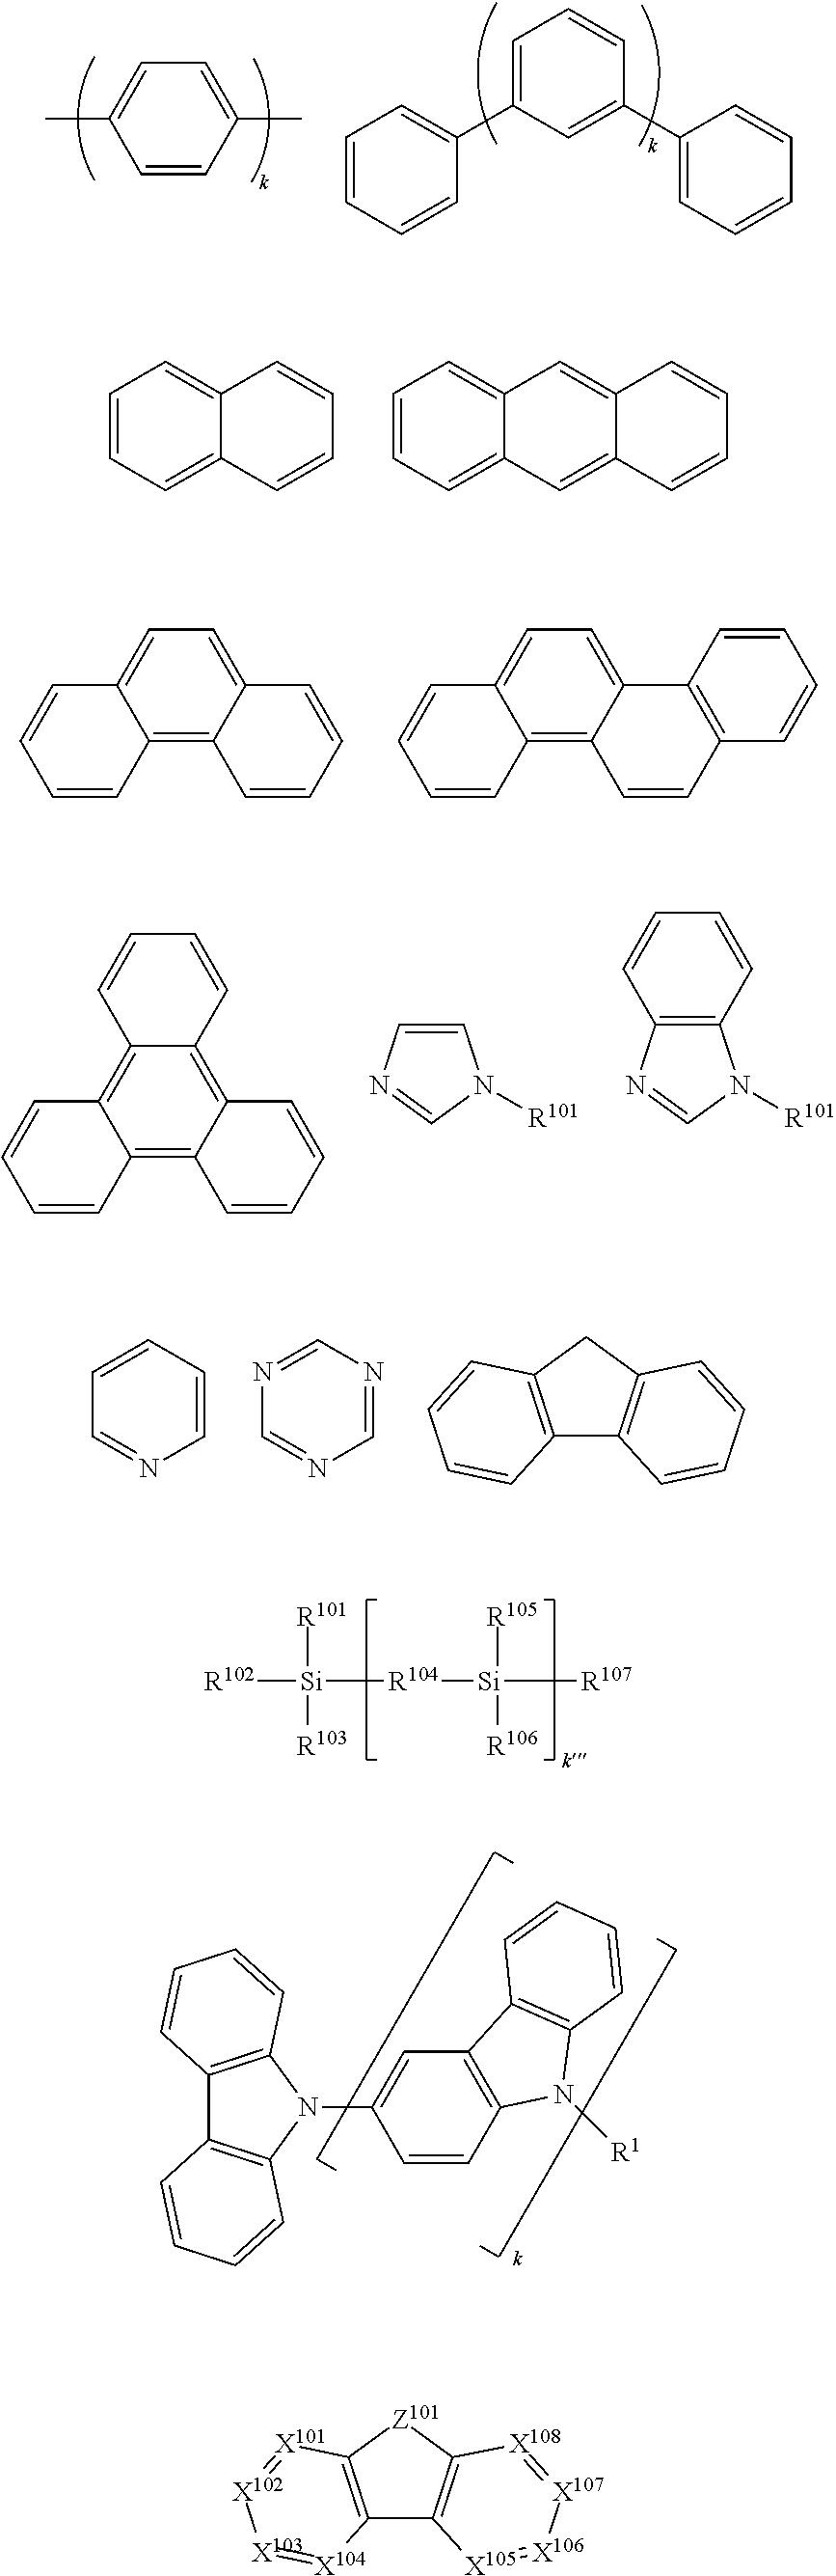 Figure US20160049599A1-20160218-C00209